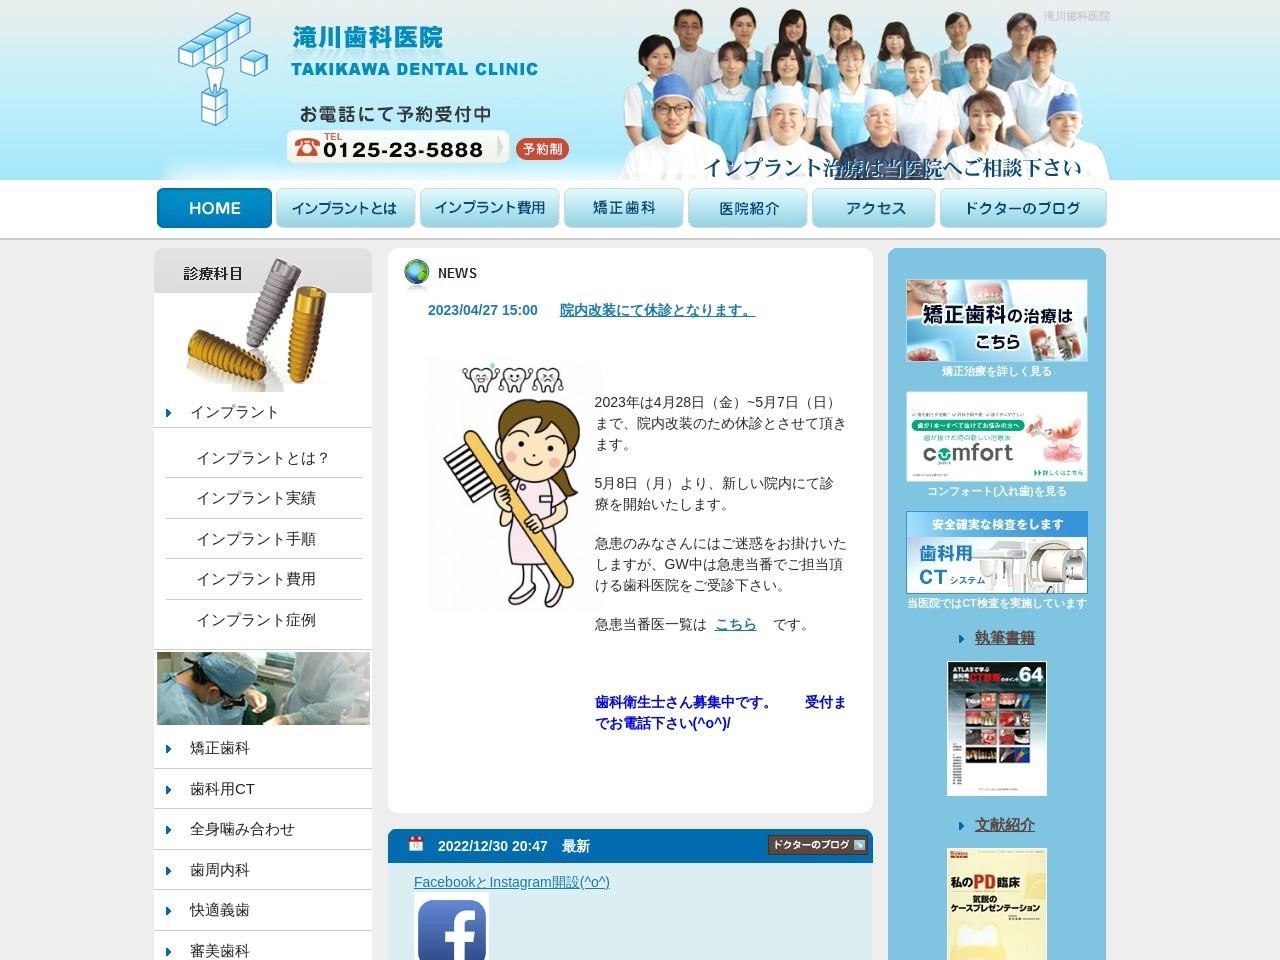 滝川歯科医院 (北海道滝川市)